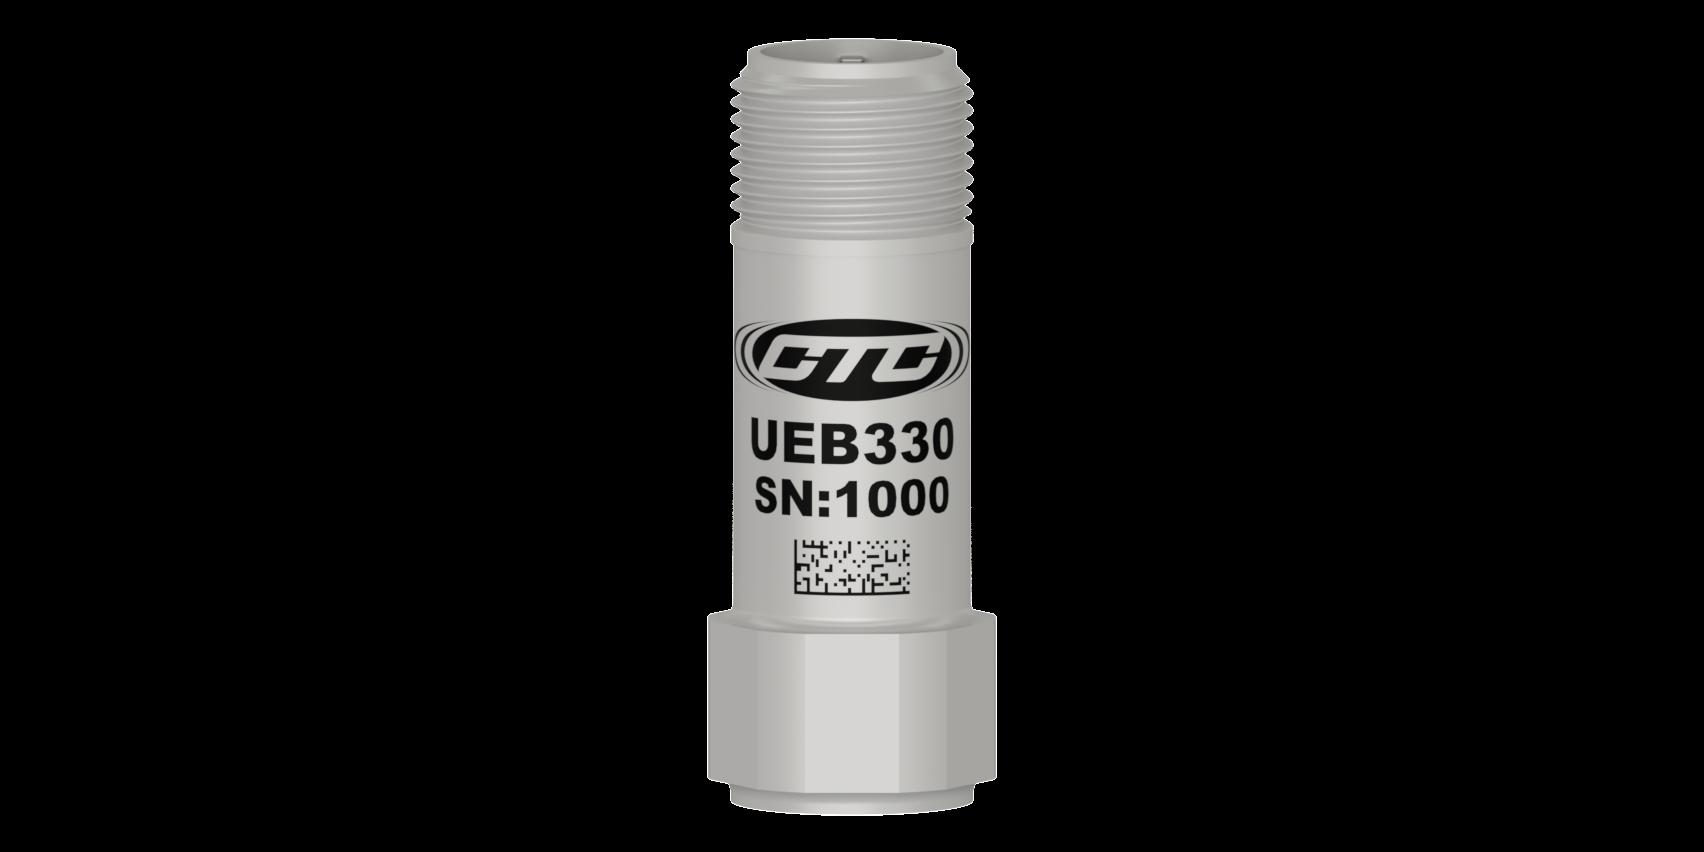 UEB330 Ultrasound Sensor